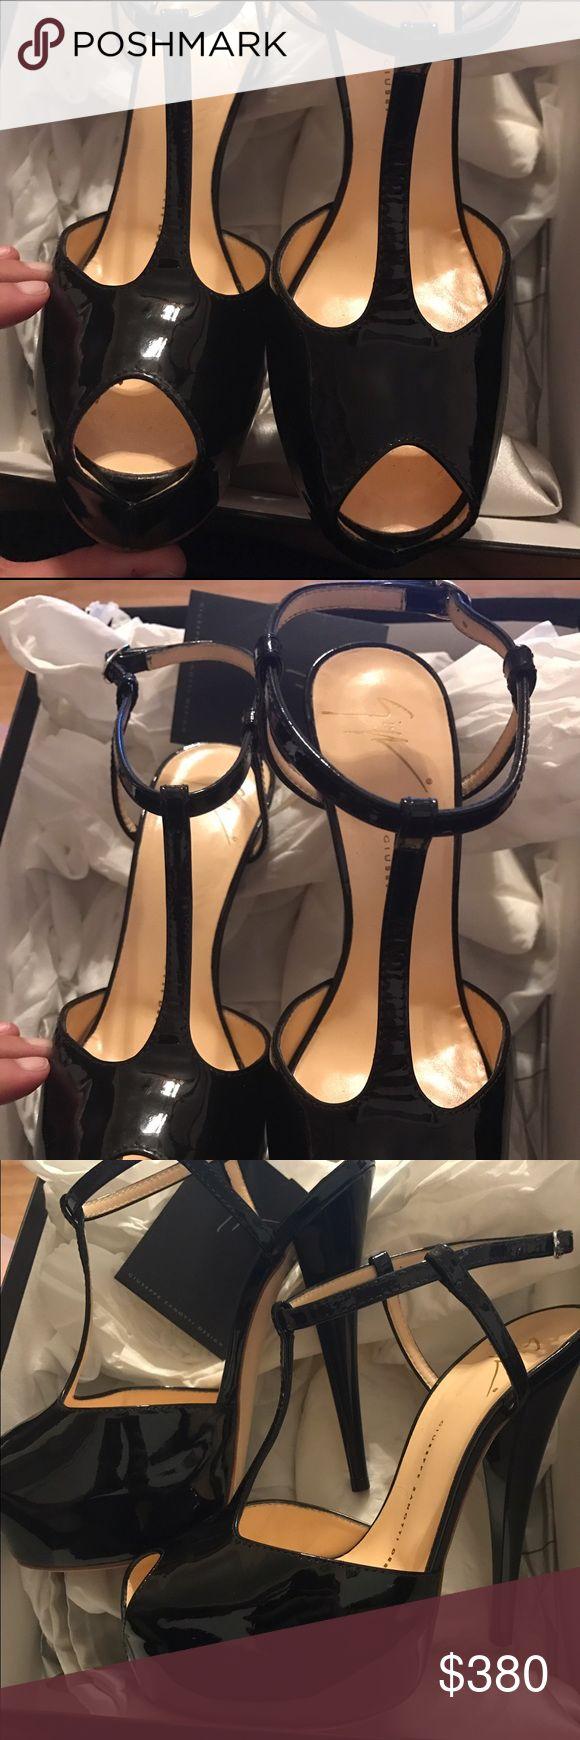 GIUSEPPE ZANOTTI Size 36.5 brand new Giuseppe Zanotti Shoes Heels